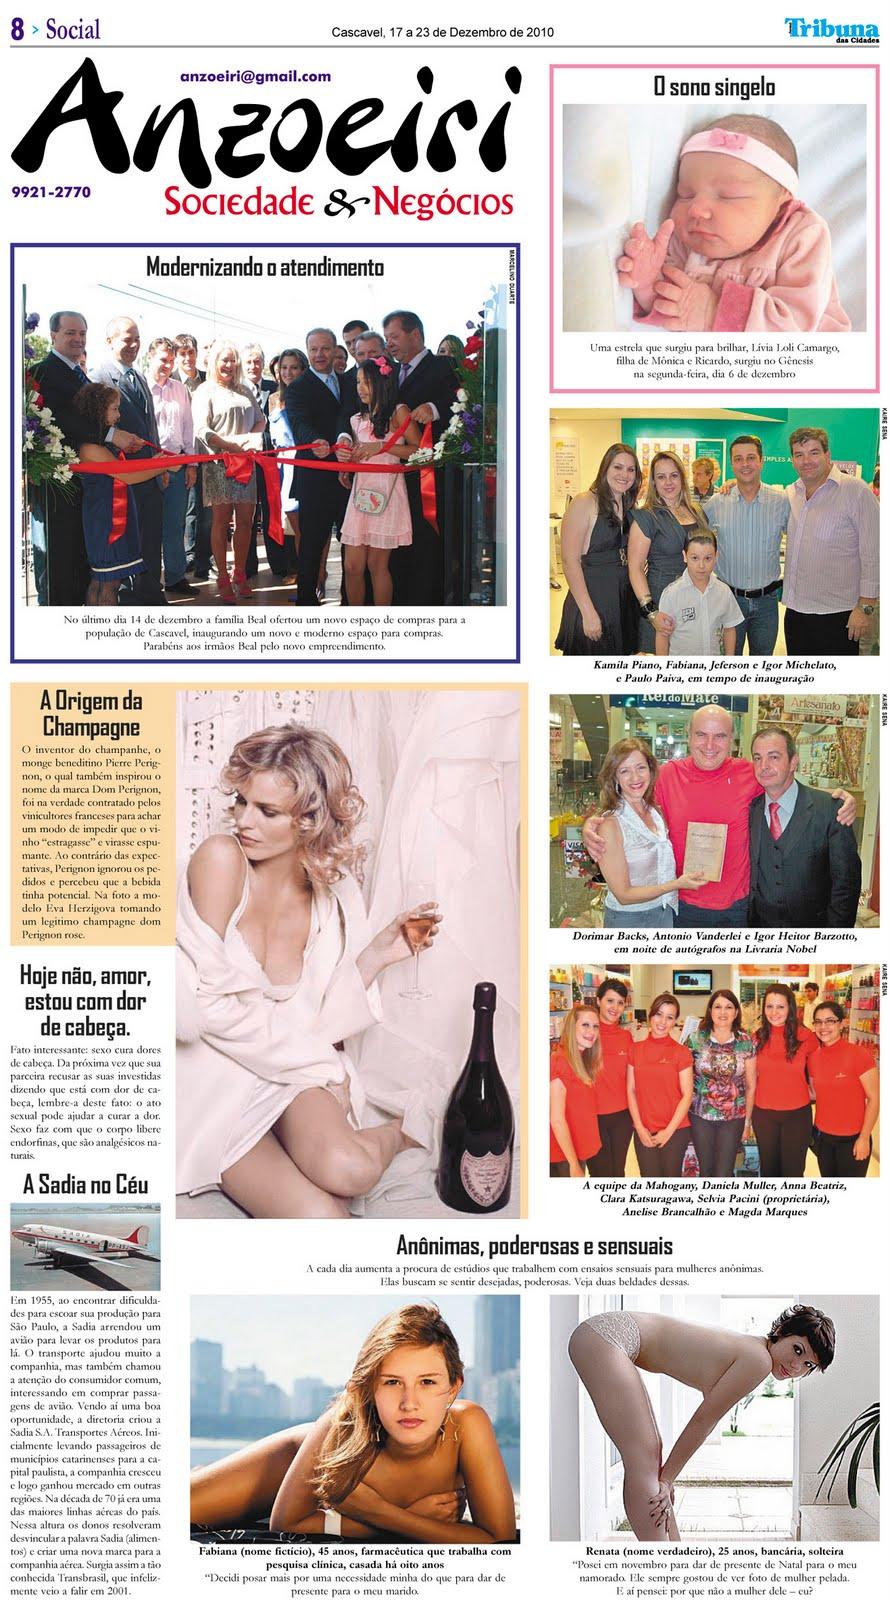 Anelise Pelada anzoeiri notícias, gastronomia e causos: 2010